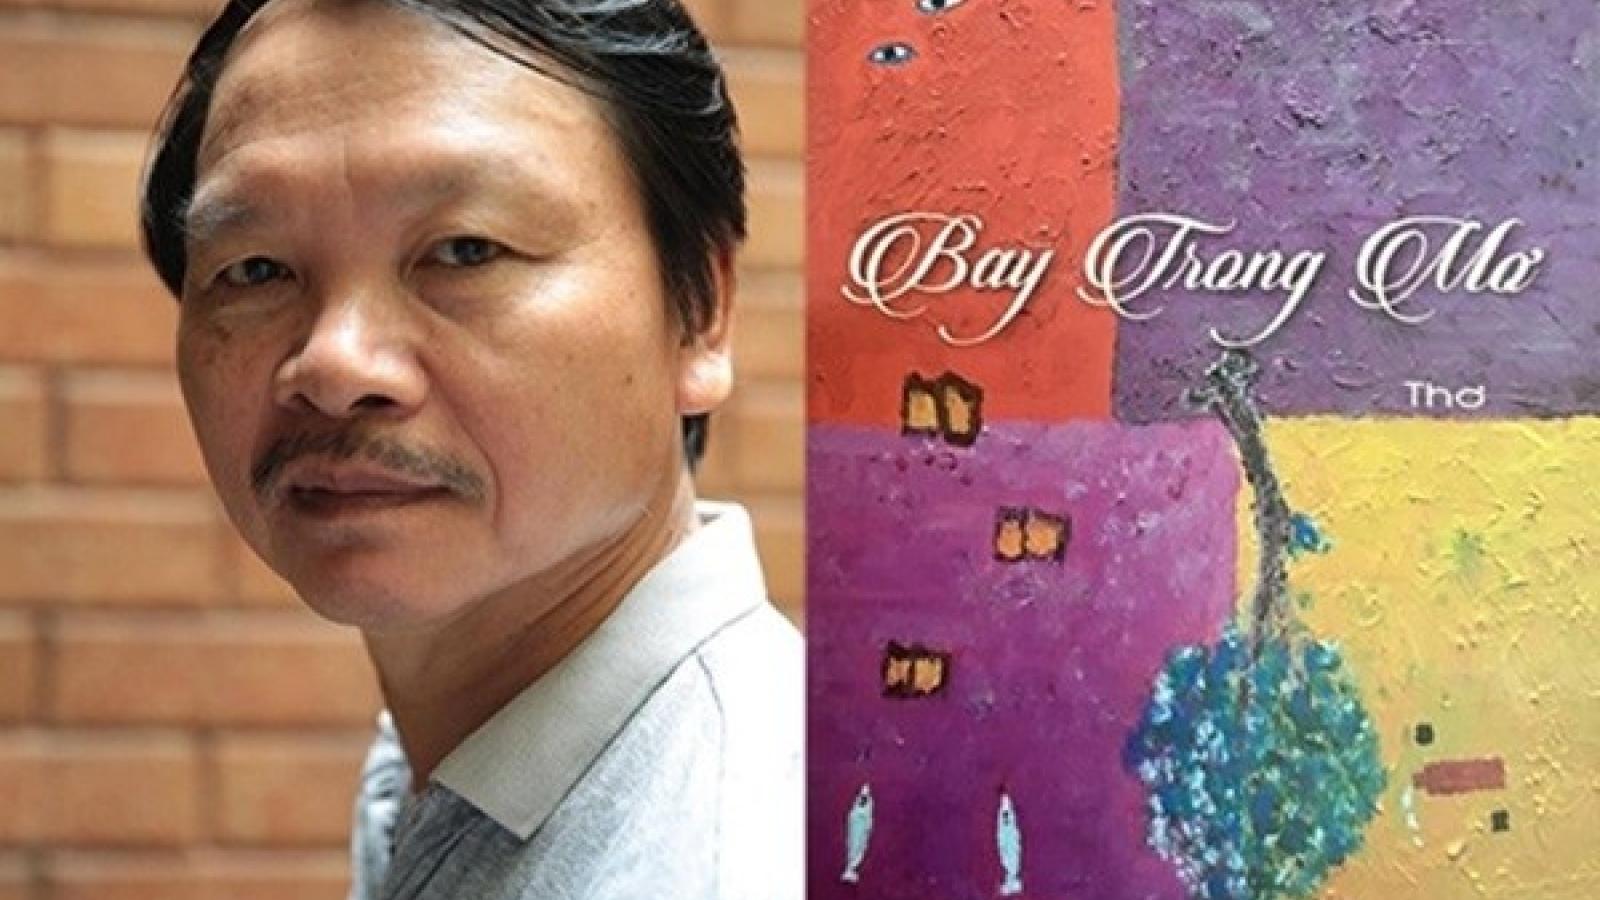 """Nhà thơ Trần Quang Đạo: """"Bay trong mơ"""""""